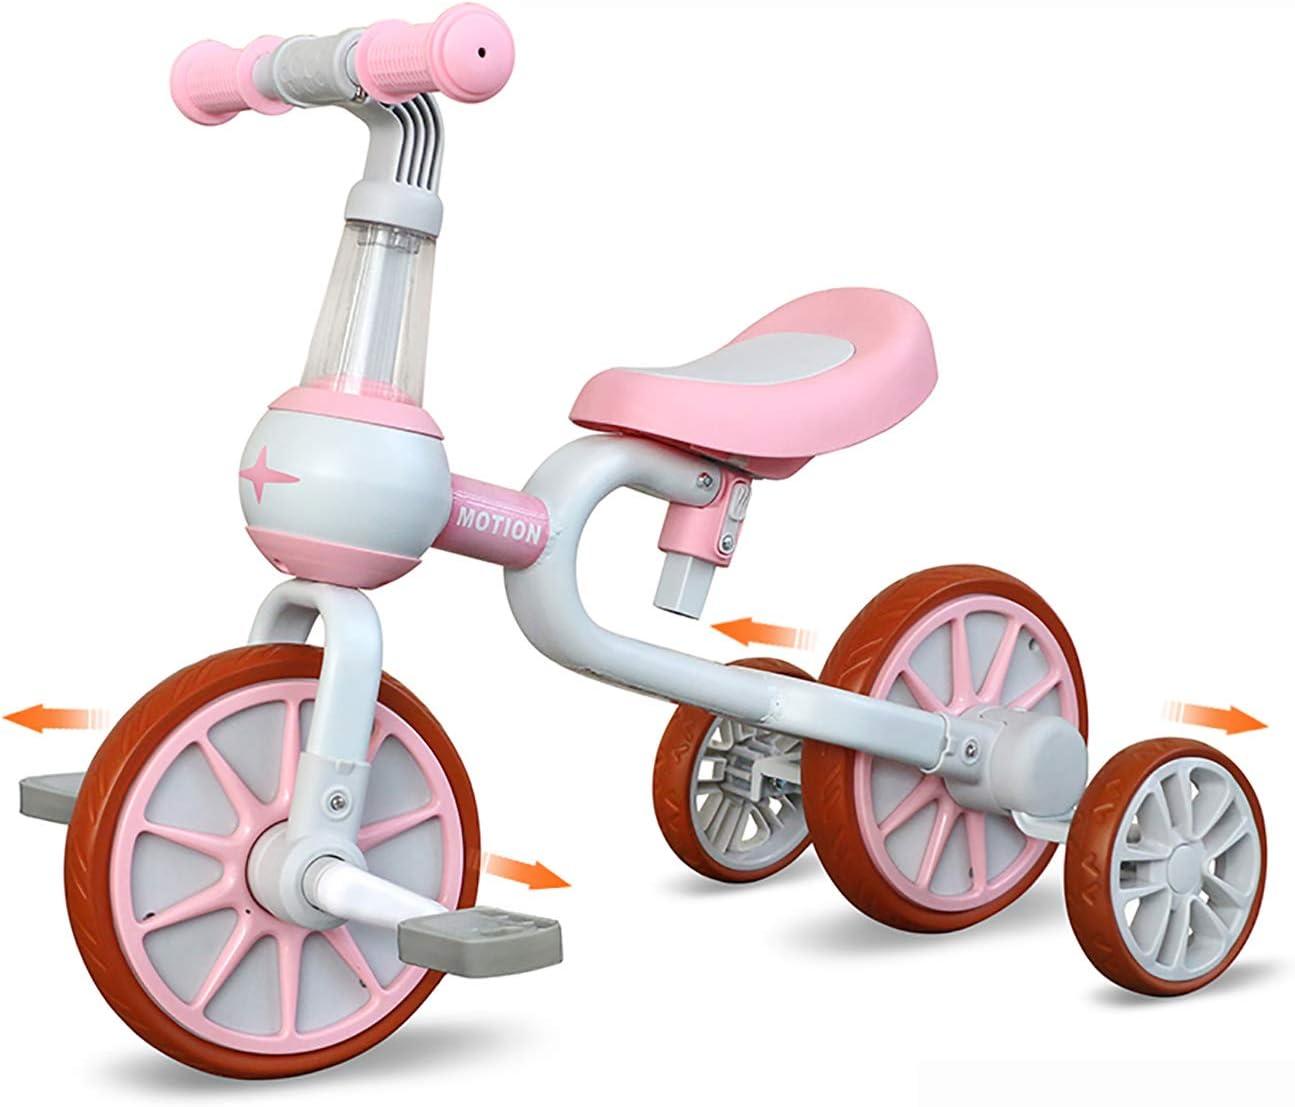 Dreirad Spielzeug f/ür 10-48 Monate Jungen und M/ädchen YGJT 3 in 1 Kinder Laufrad ab 2 Jahr Baby Lauflernrad als Geschenk f/ür Ersten Geburtstag Weihnachten Pink